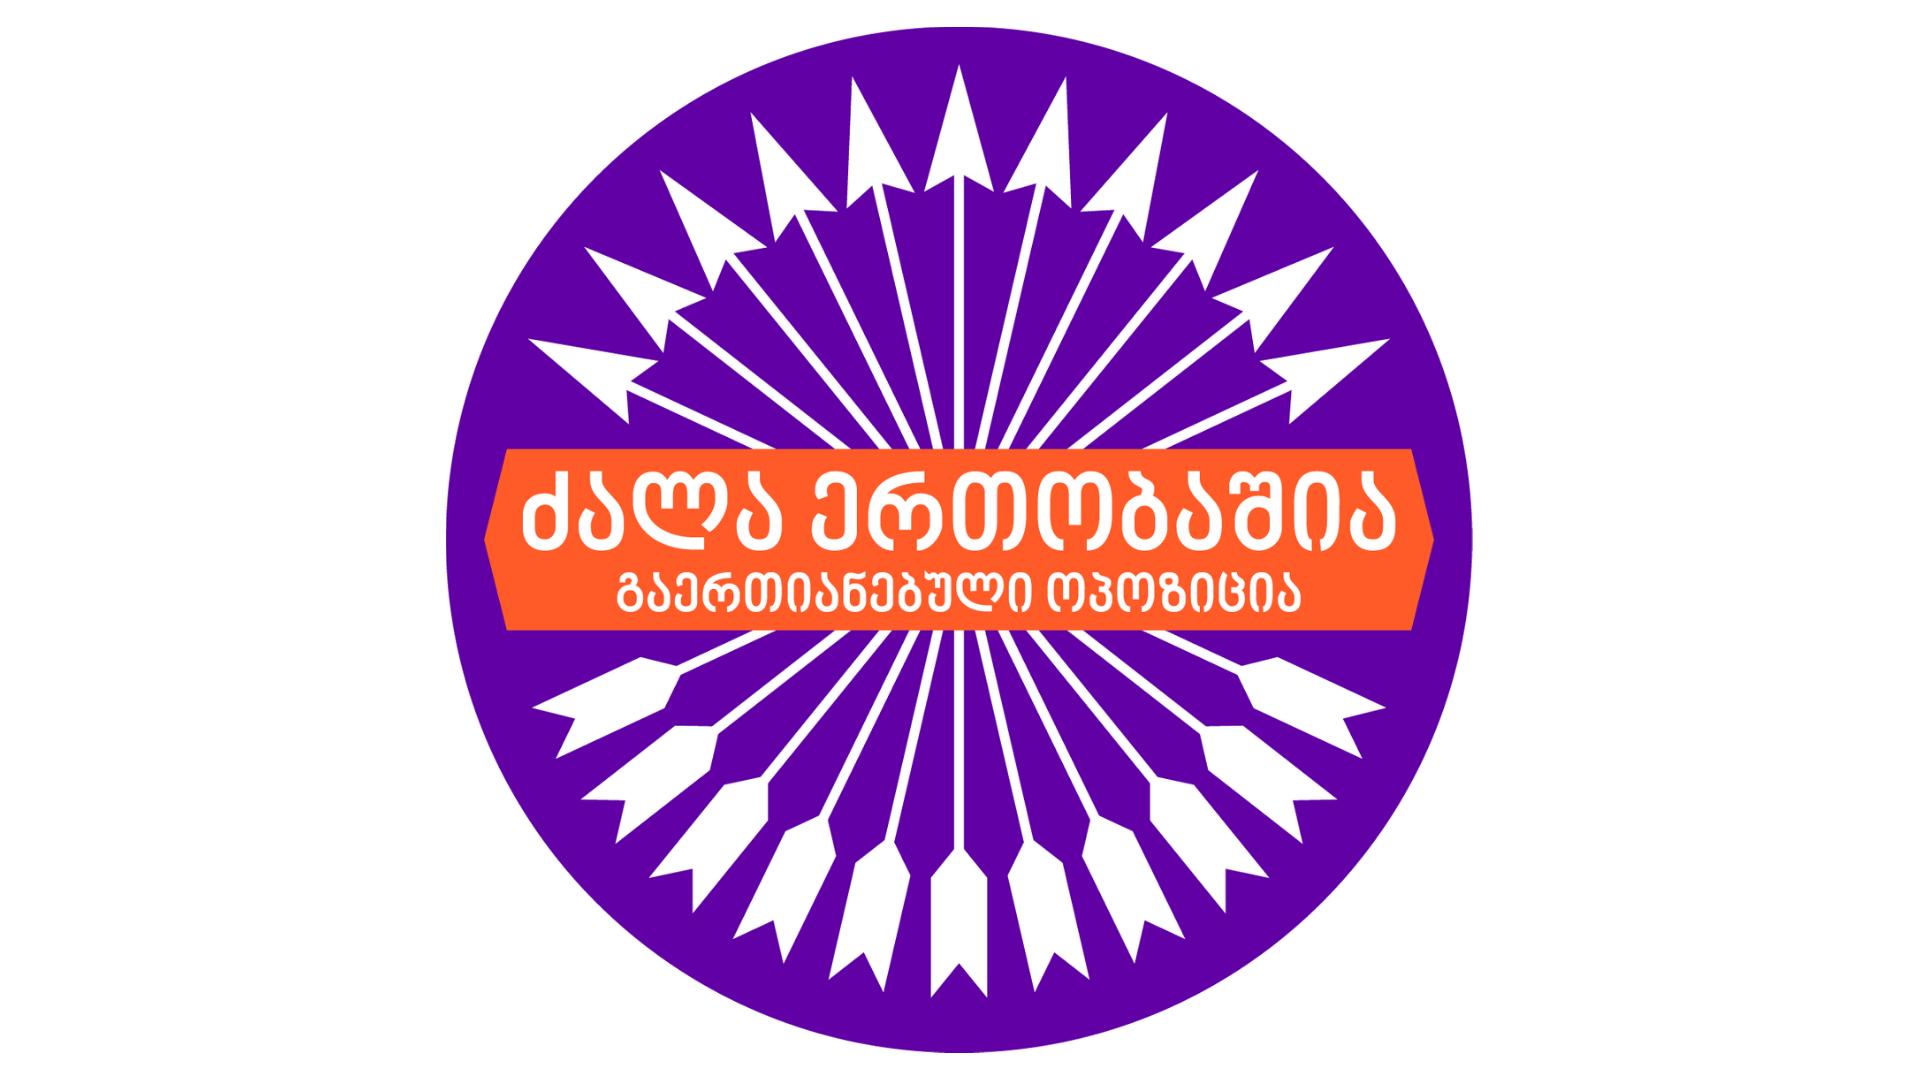 «Сила в единстве» официально отказалась от депутатских мандатов